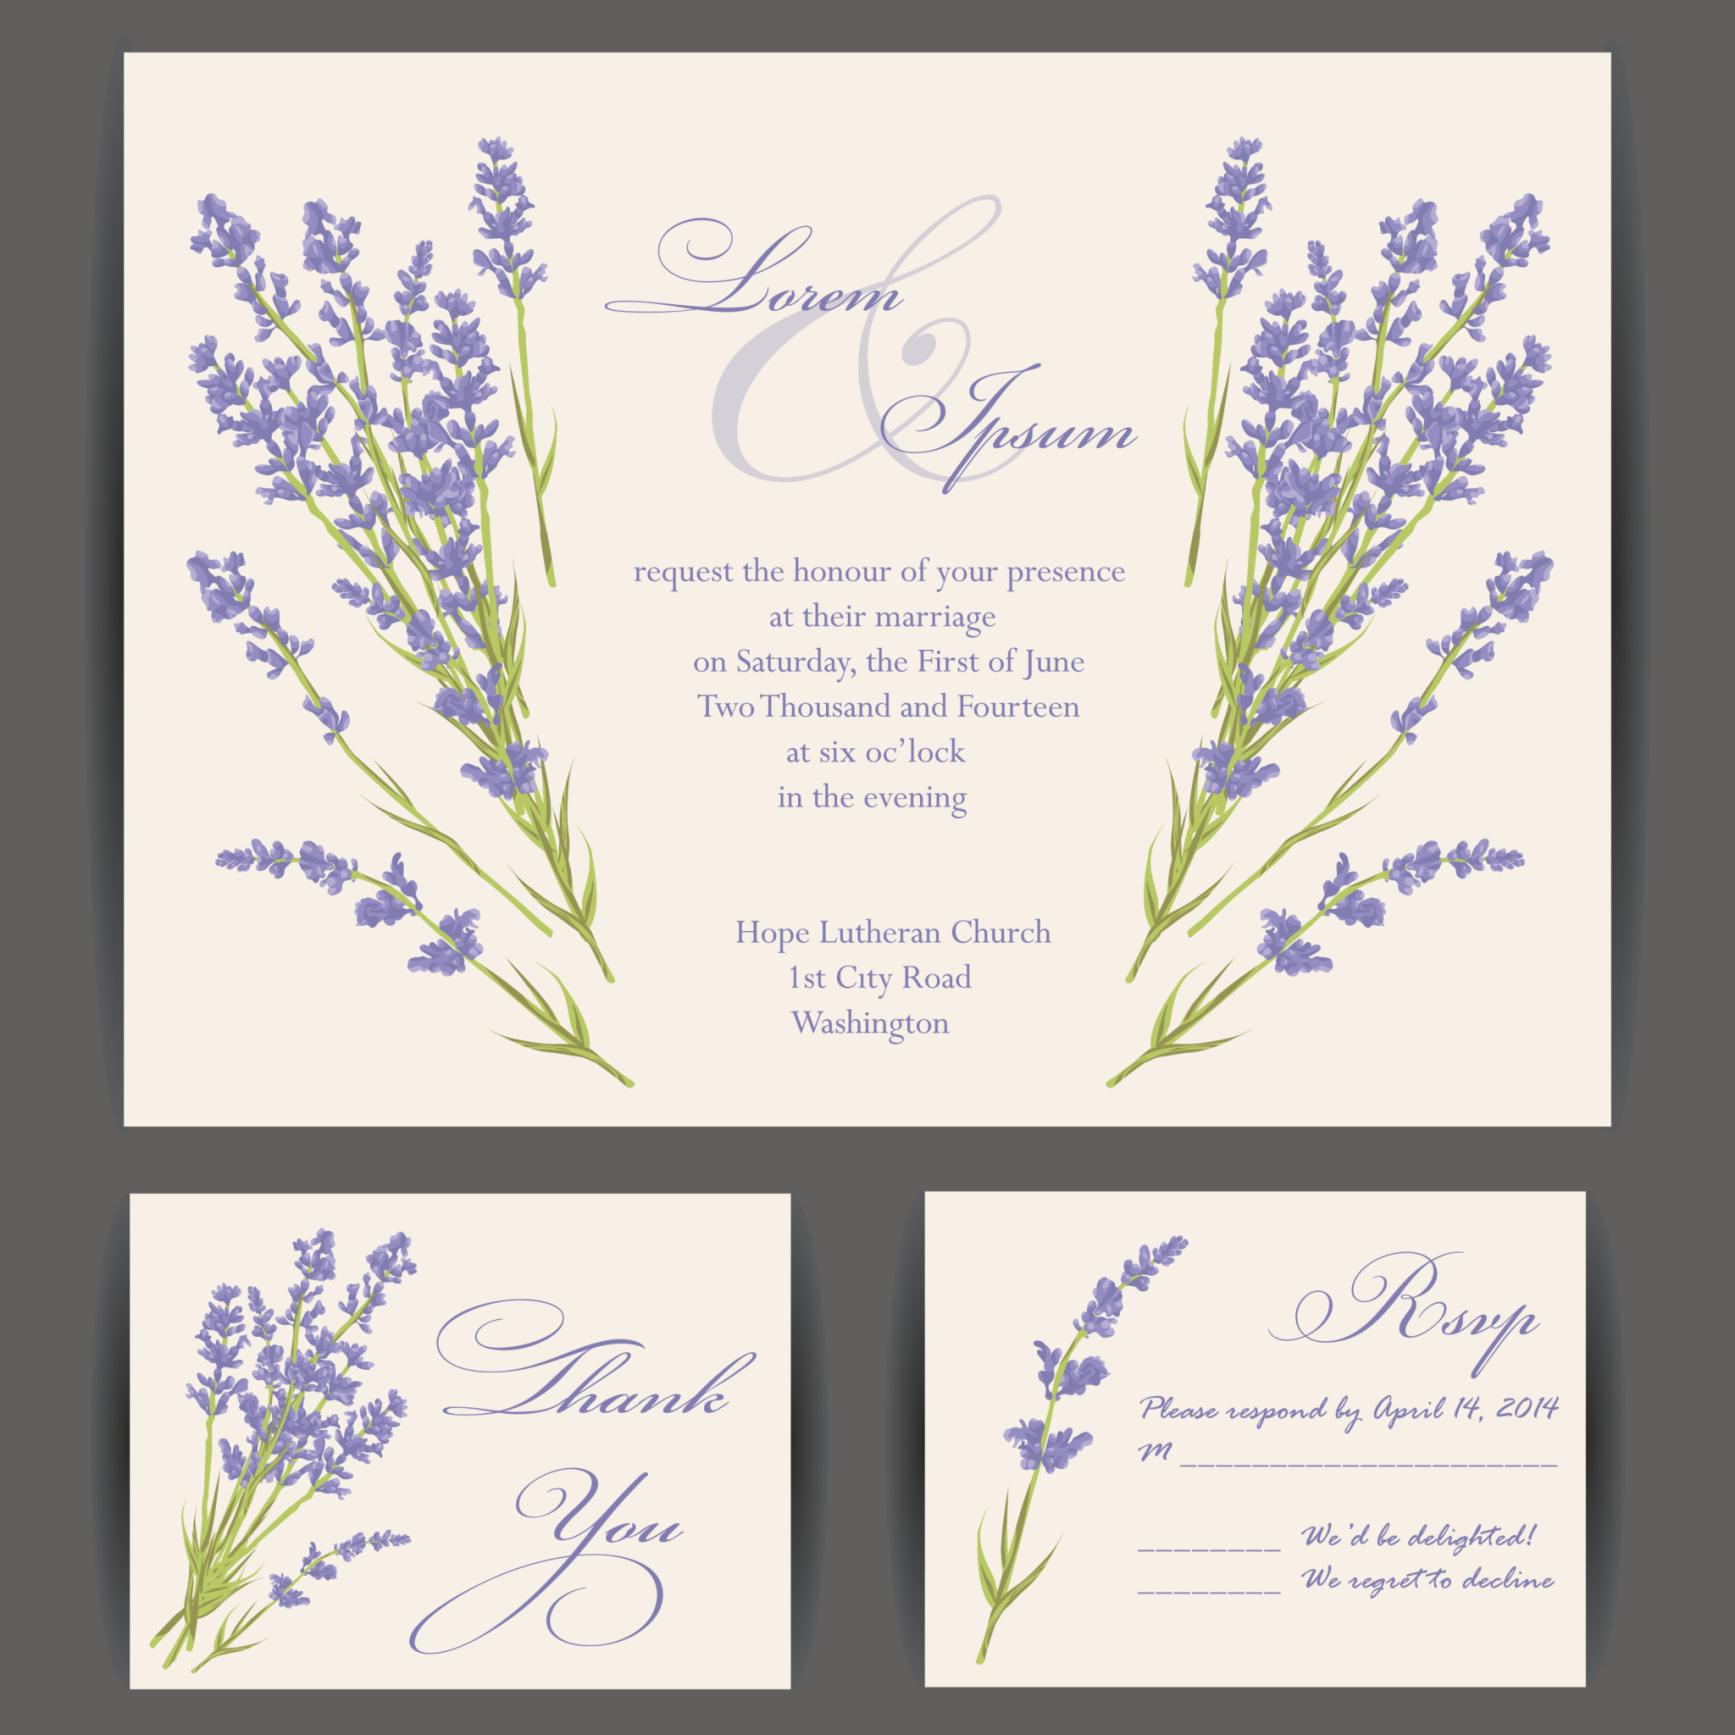 Wedding Invite Protocol: Proper Wedding Invitation Etiquette